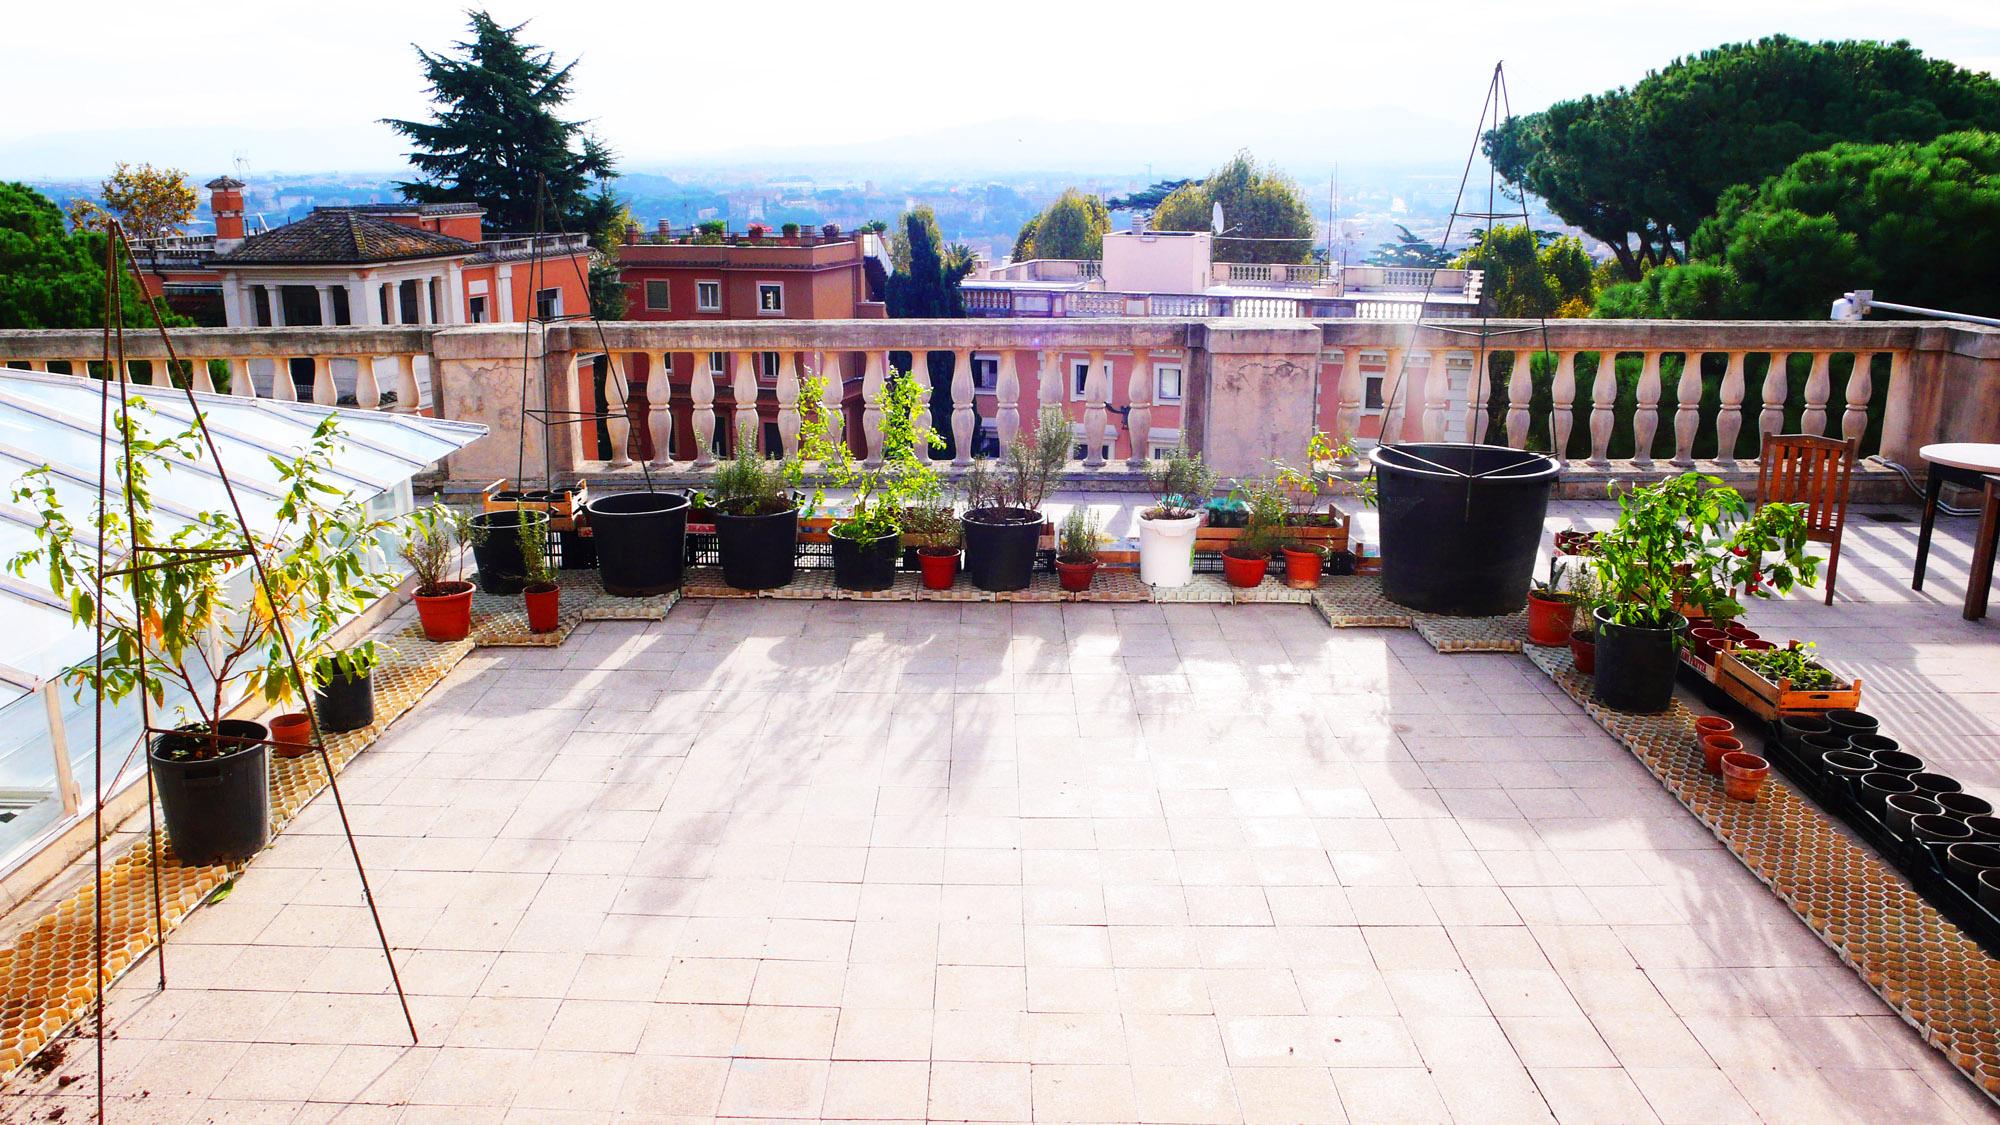 Garden Rooftop Edible Estate #12: Budapest / image